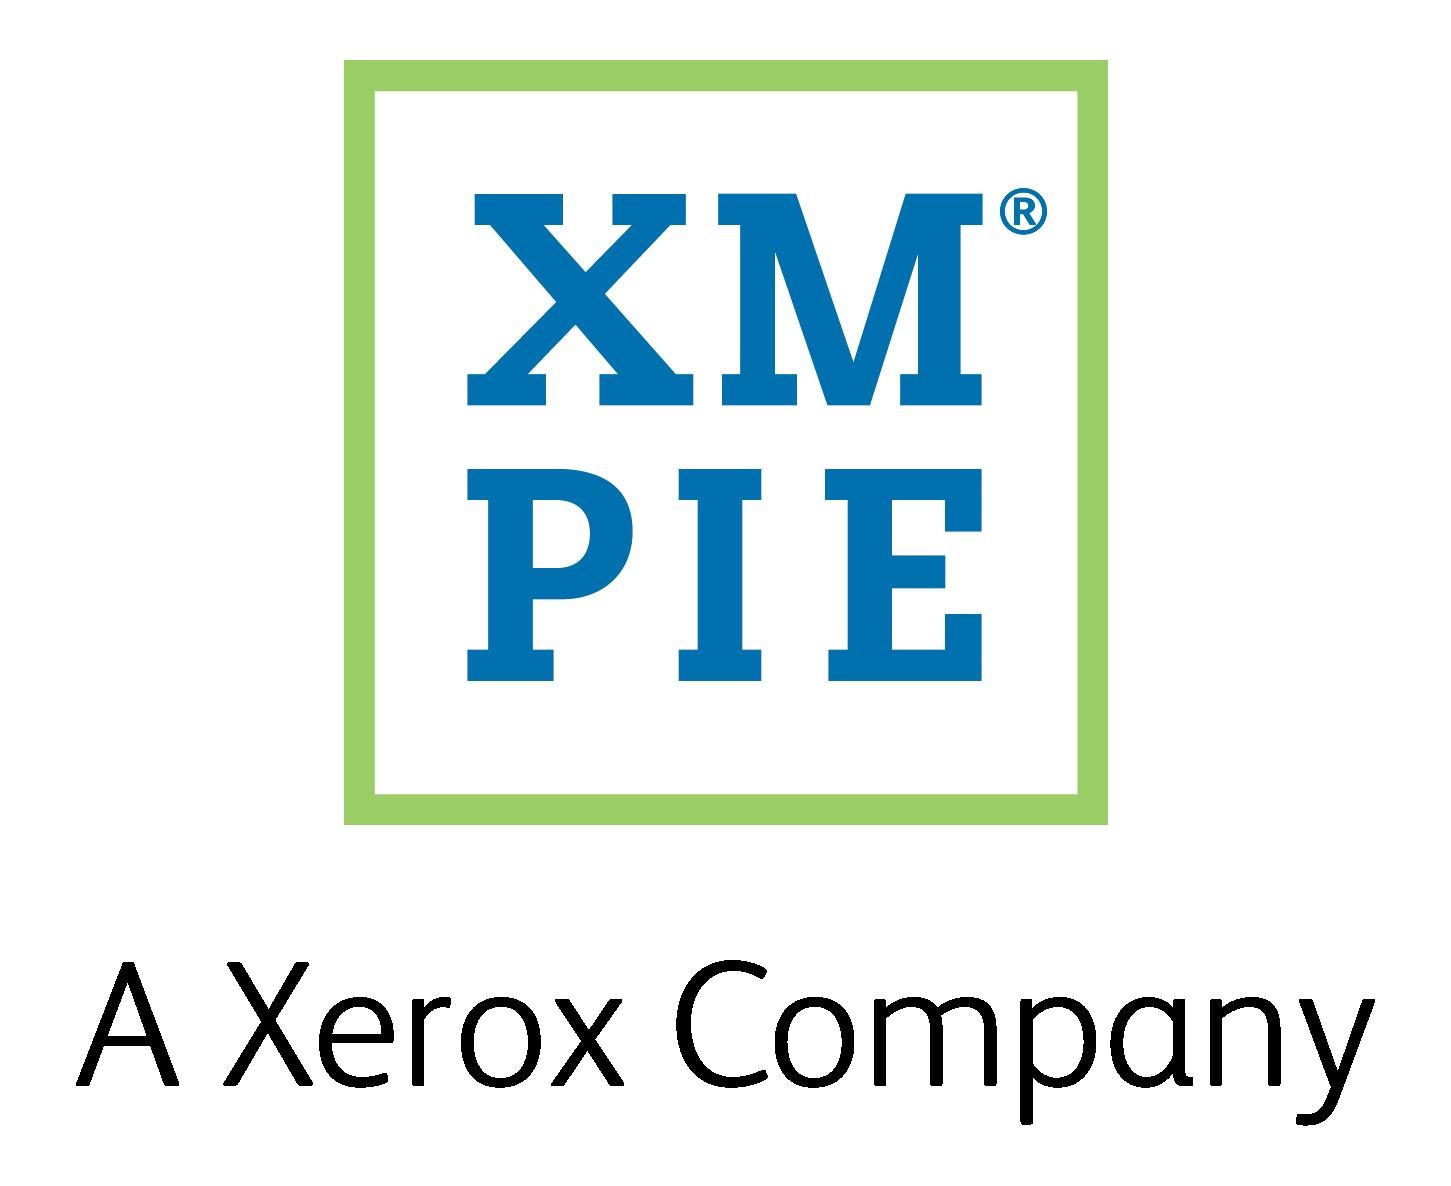 XMPieMobileLogo